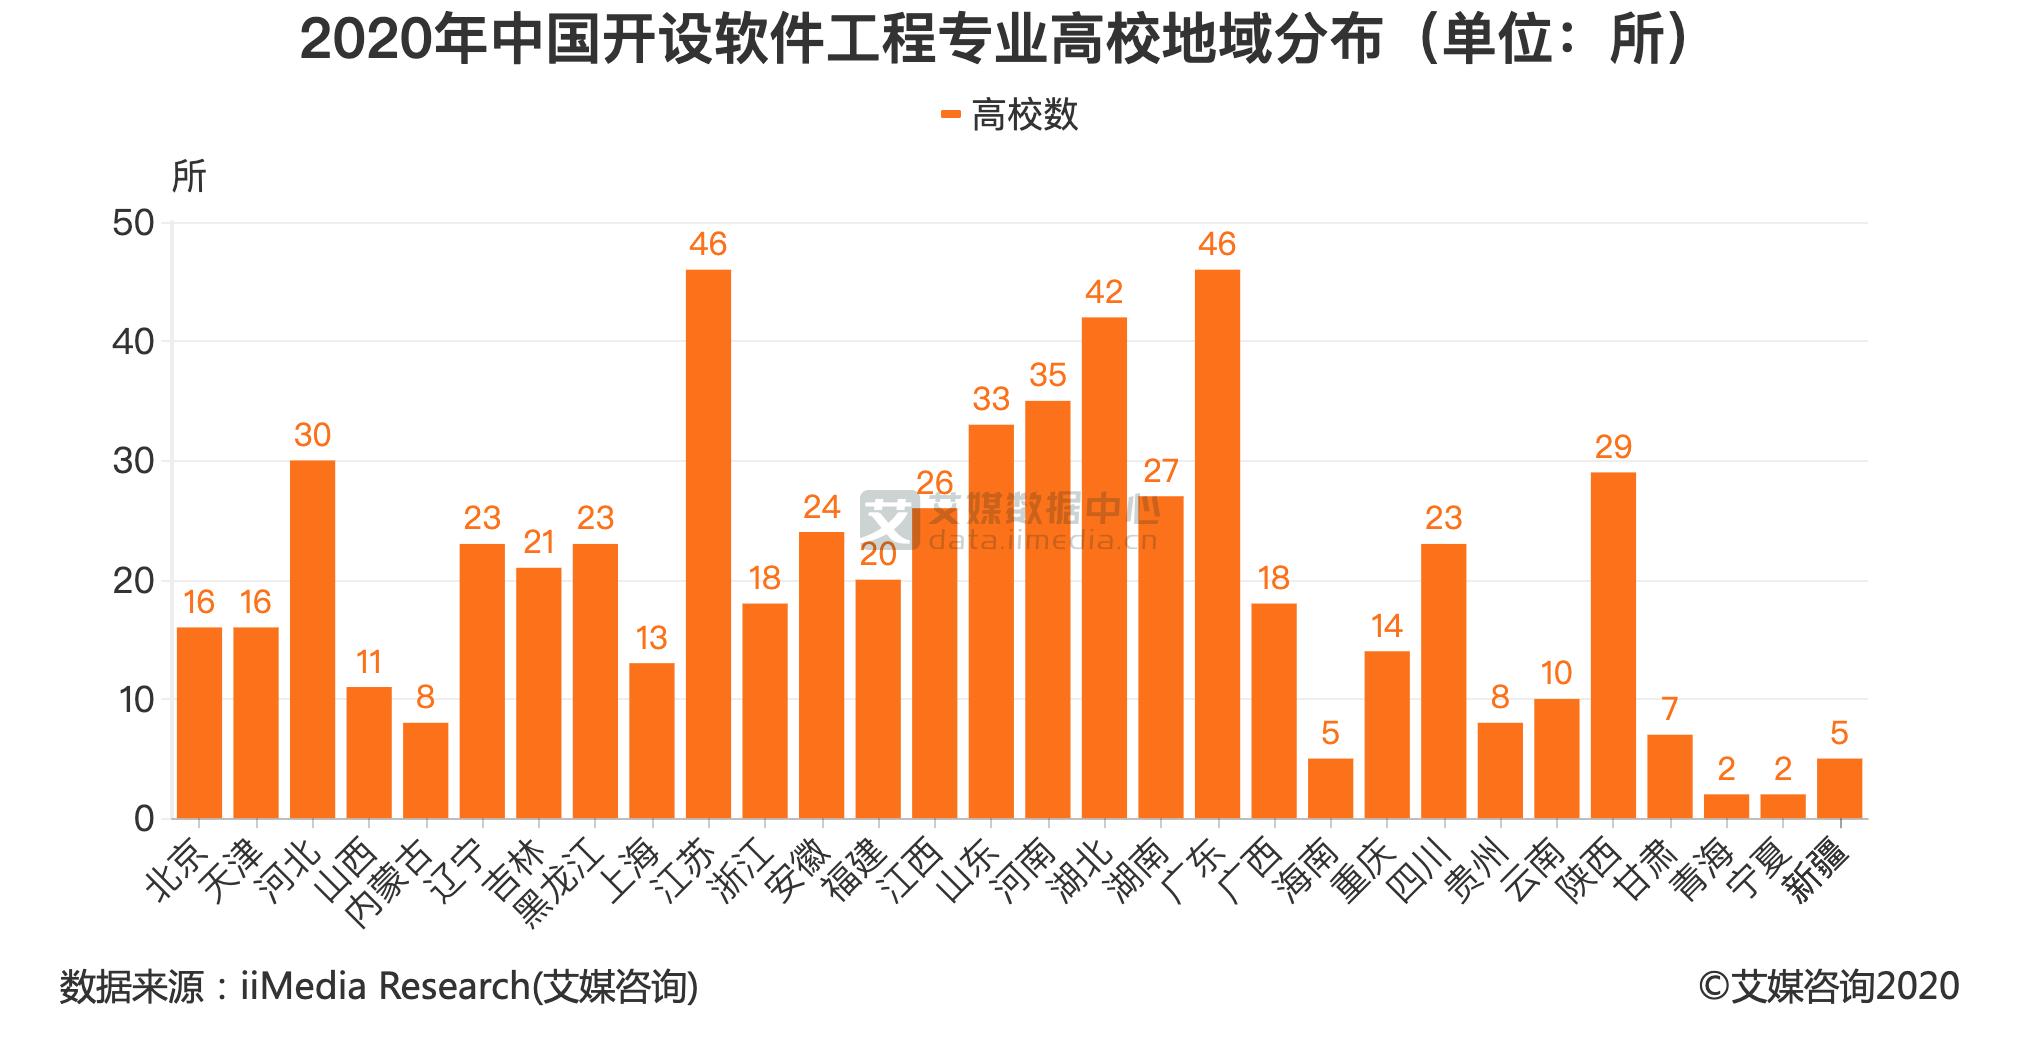 2020年中国开设软件工程专业高校地域分布(单位:所)